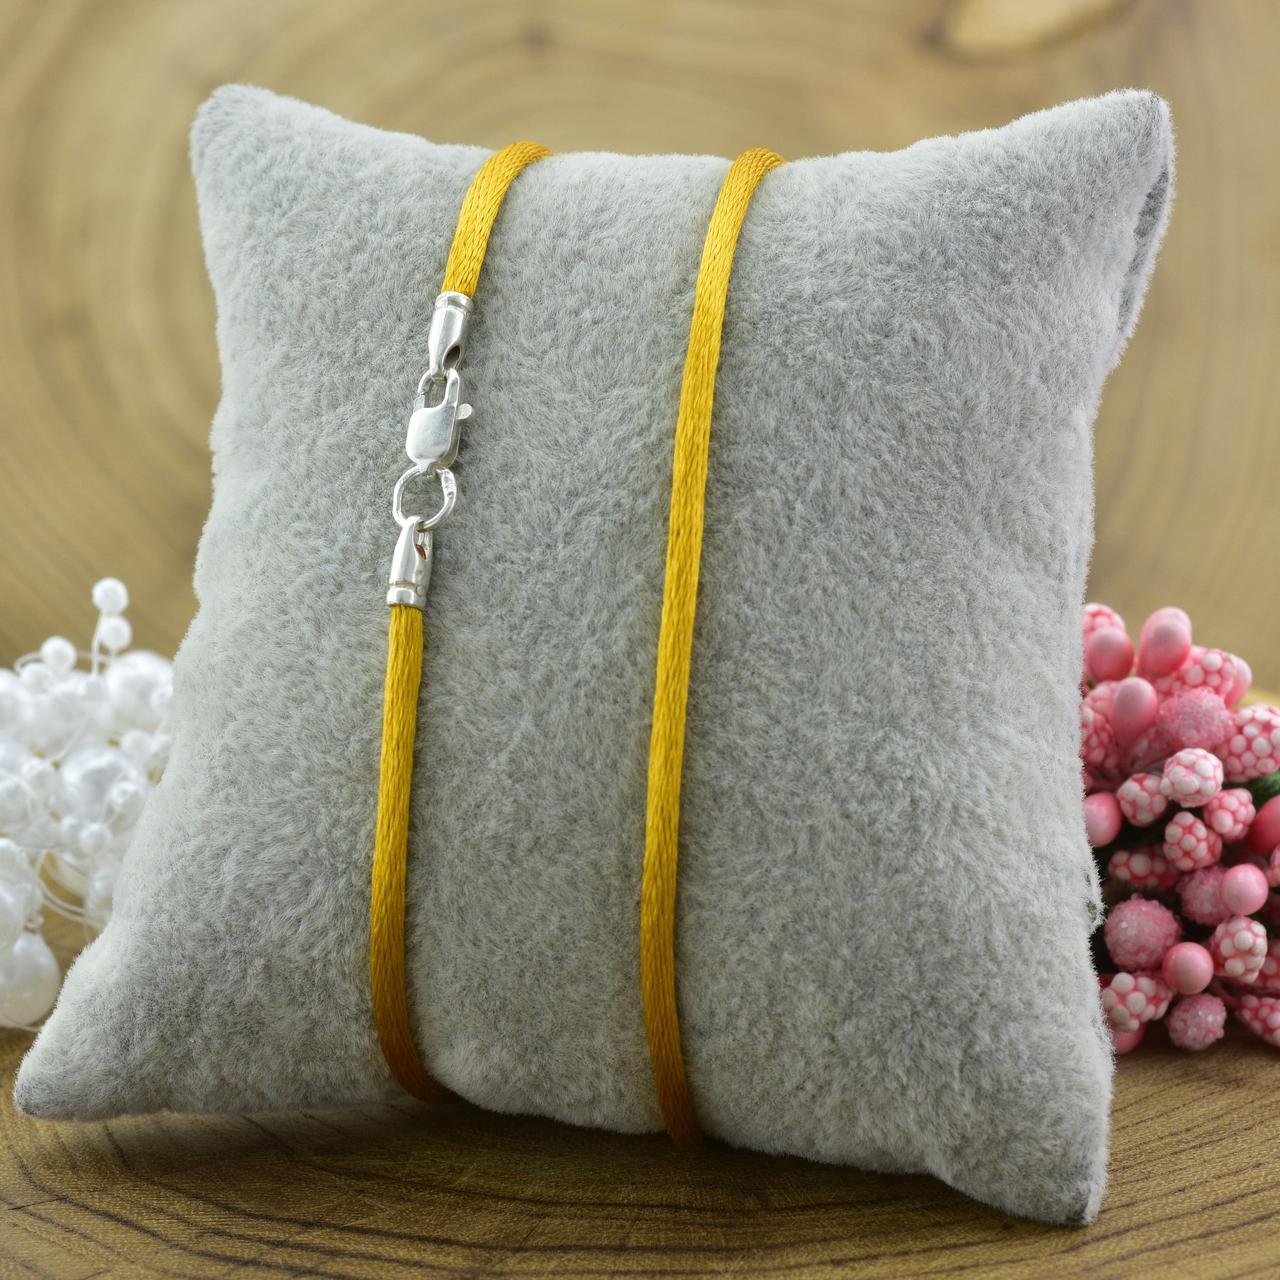 Шнурок шелковый цвет горчичный длина 45 см ширина 2 мм вес серебра 0.7 г